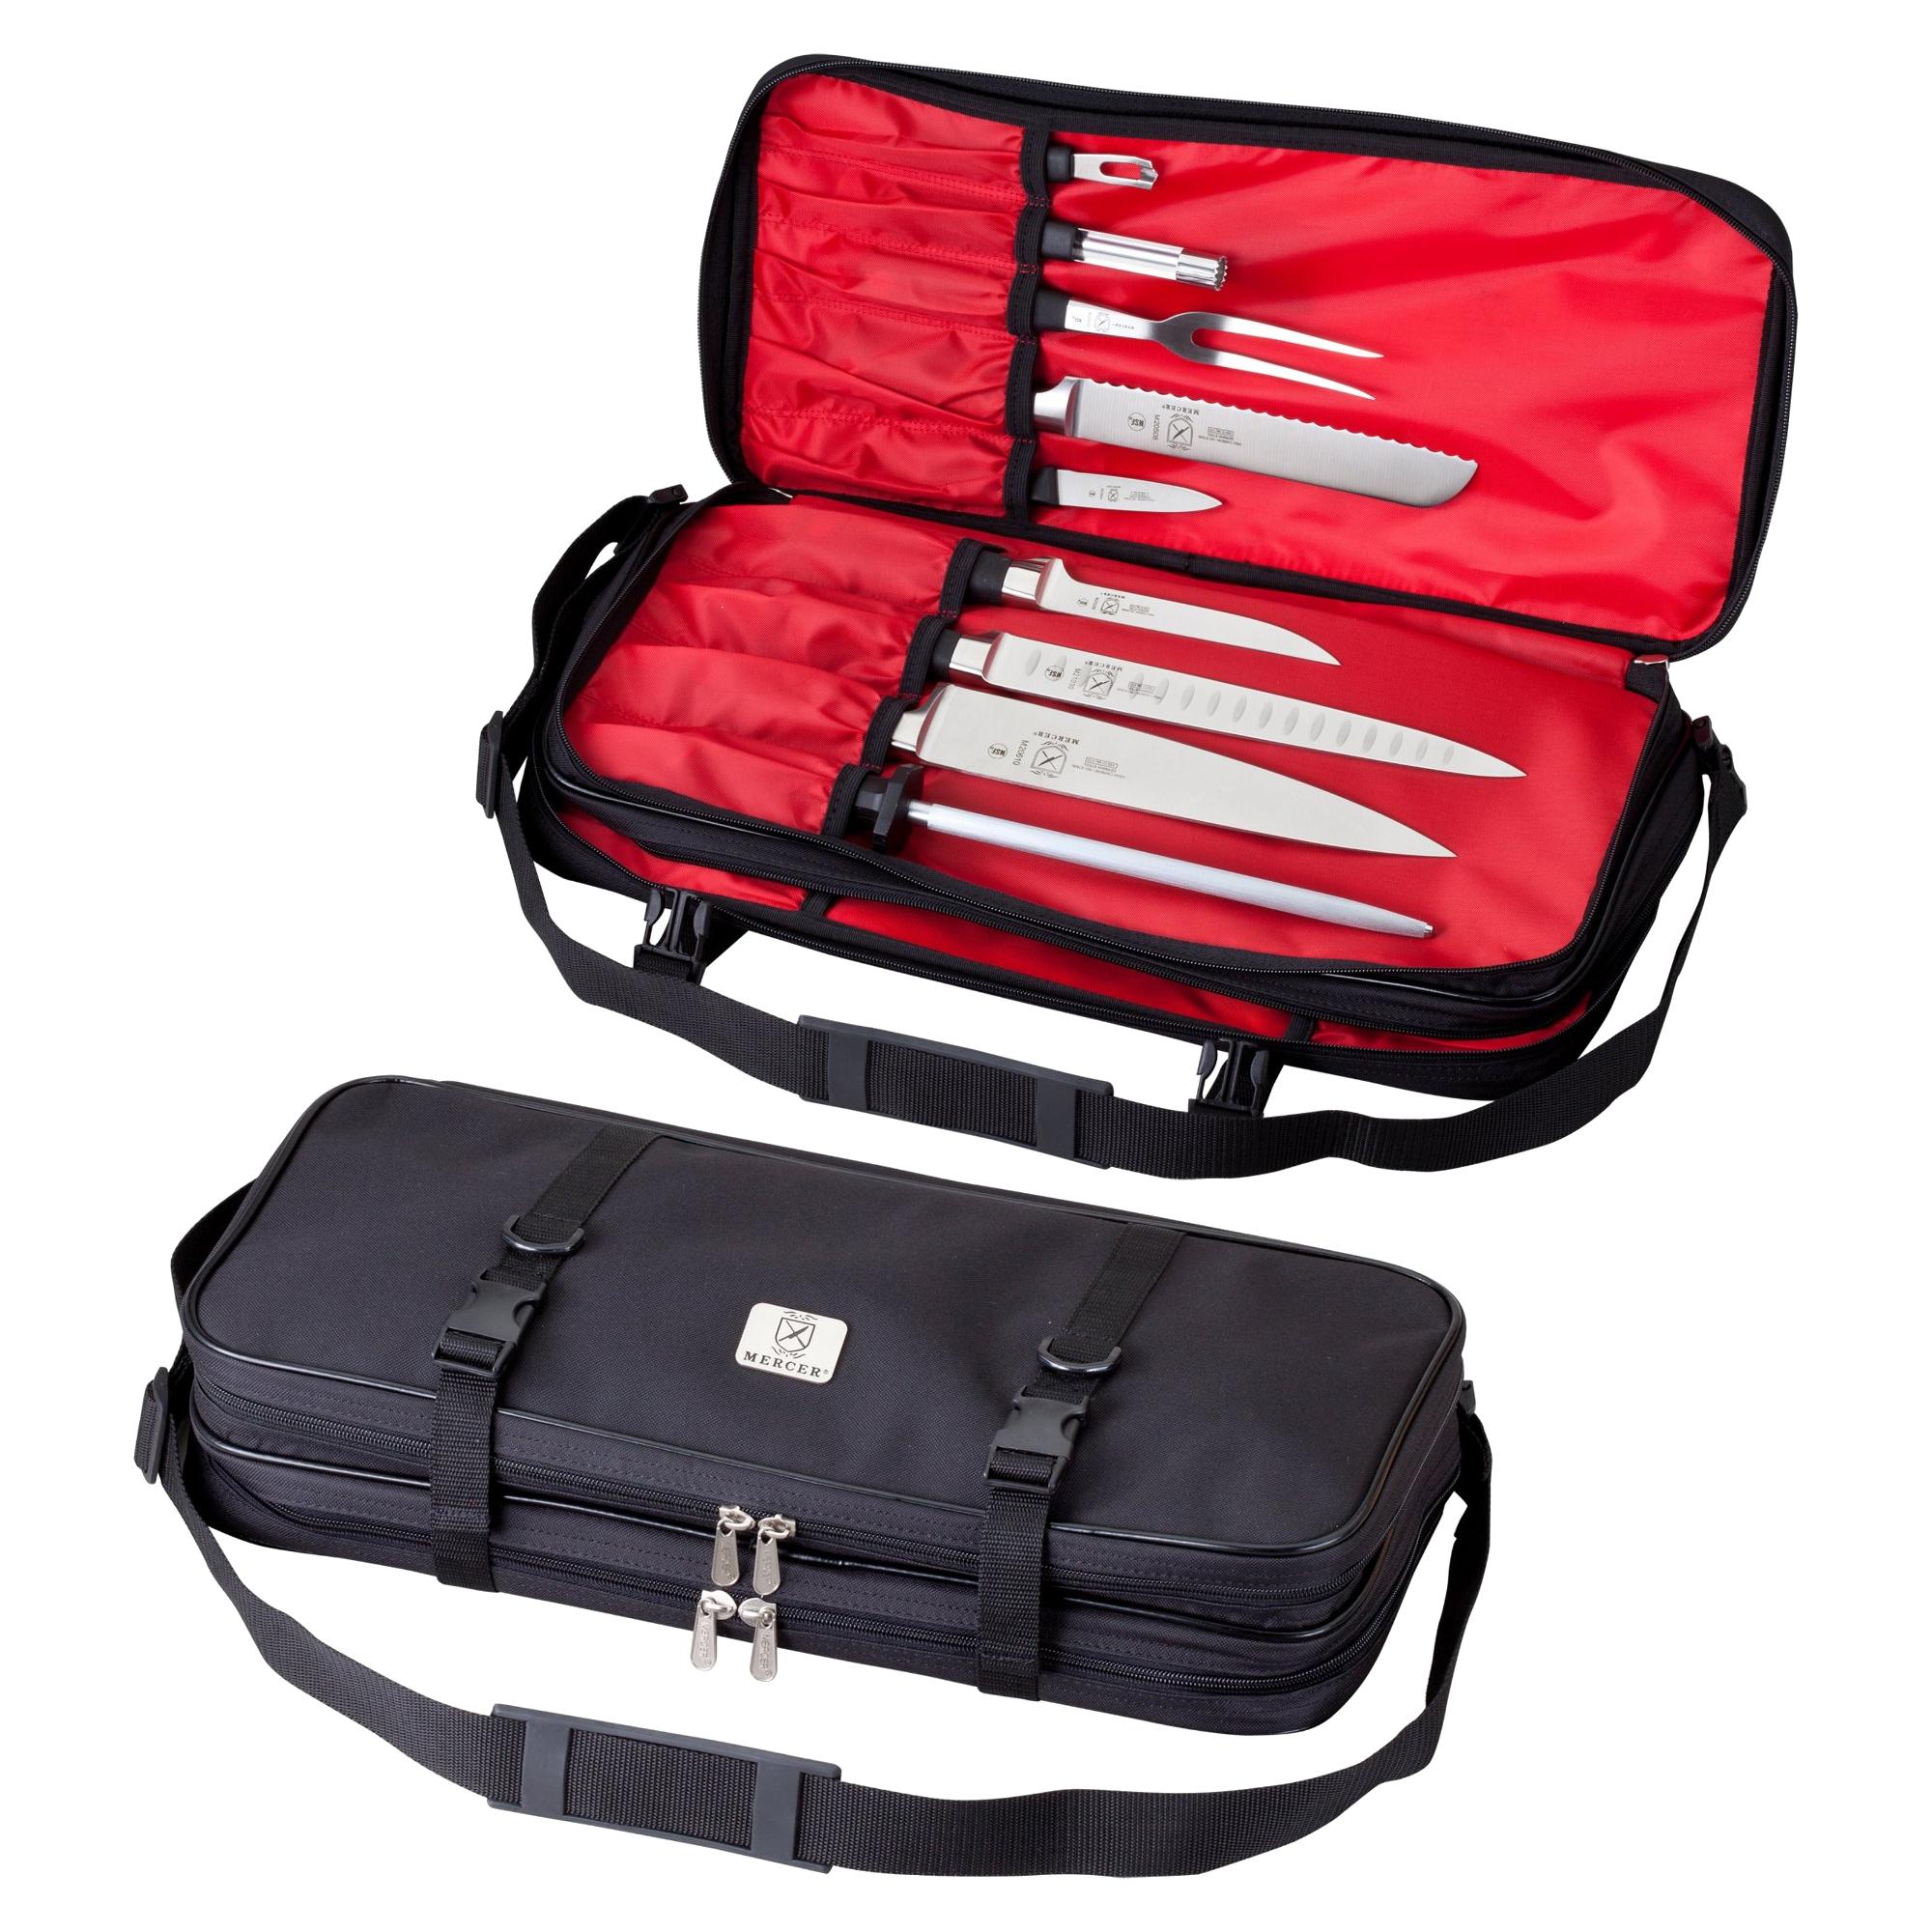 Mercer Black Nylon Double-Zip Knife Case